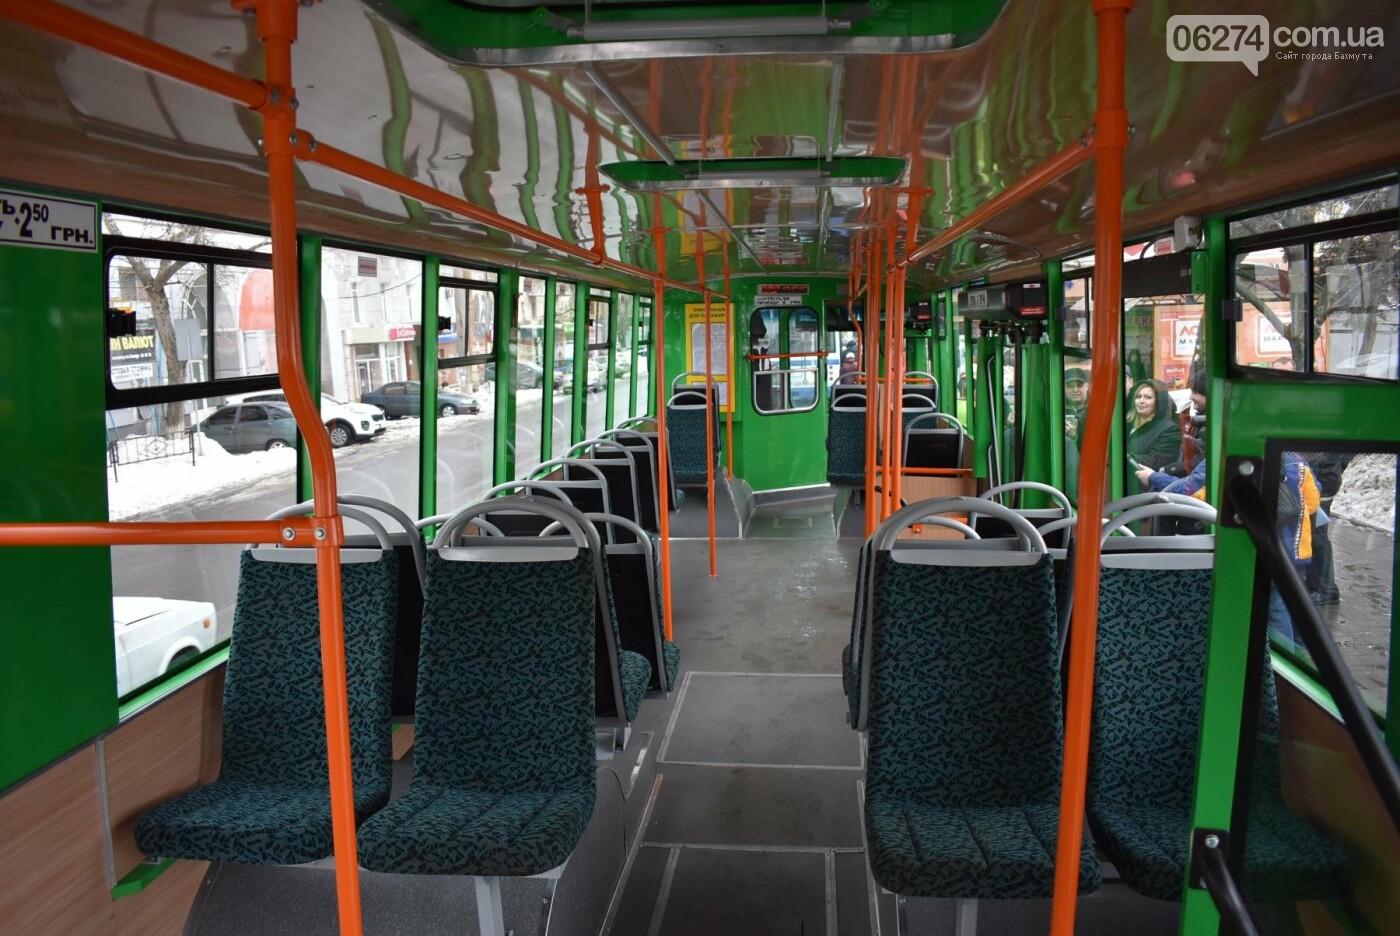 В Бахмуте презентовали очередной троллейбус после капремонта, фото-5